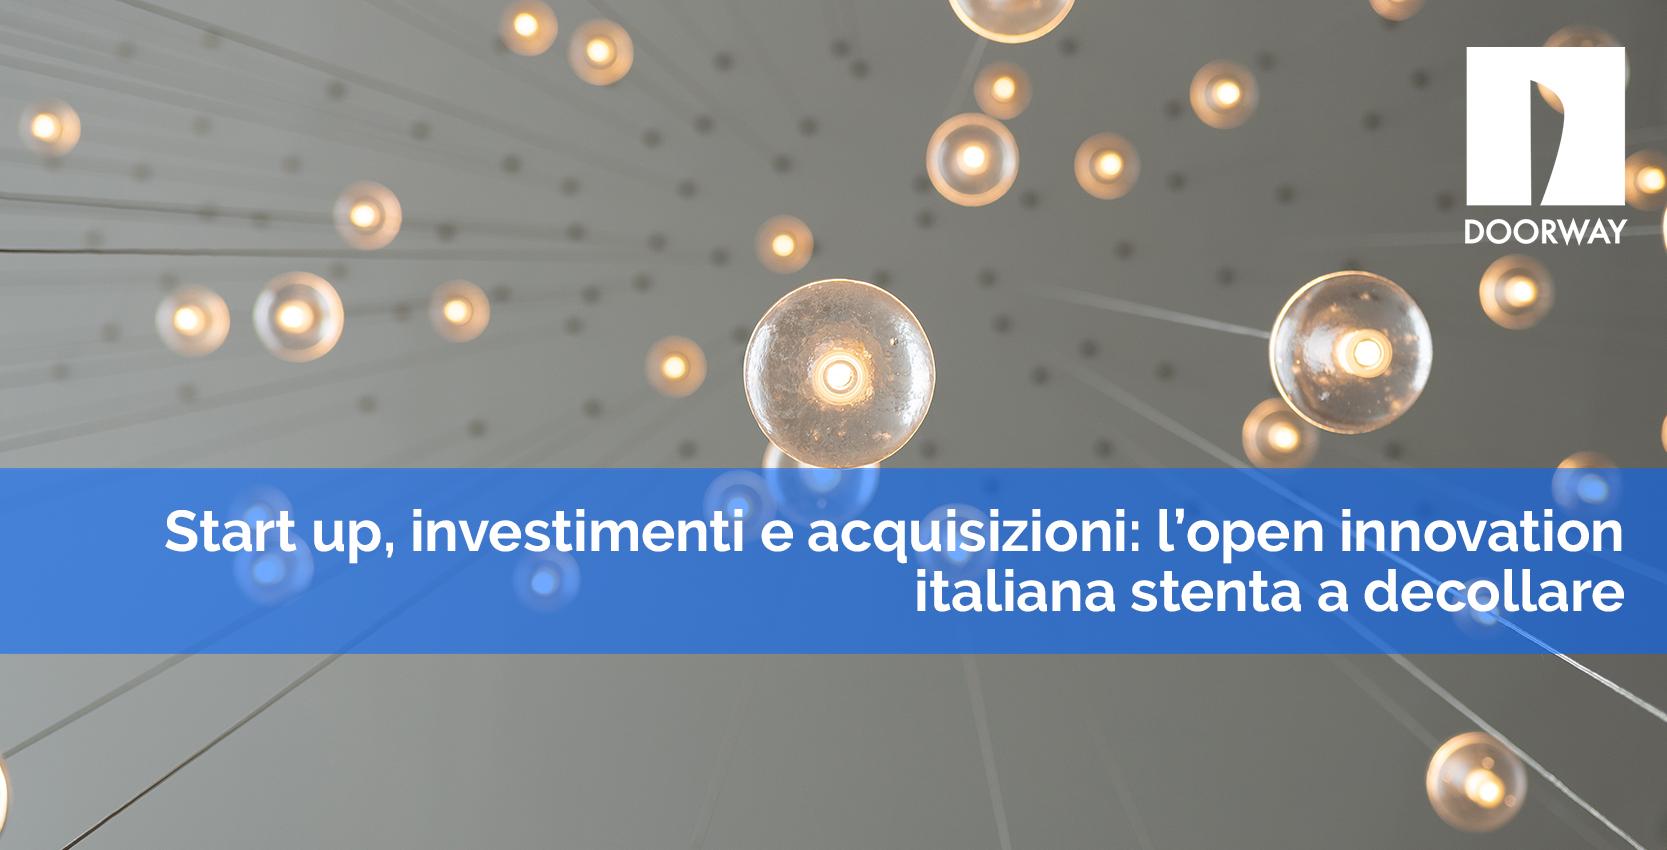 Start up, investimenti e acquisizioni: l'open innovation italiana stenta a decollare